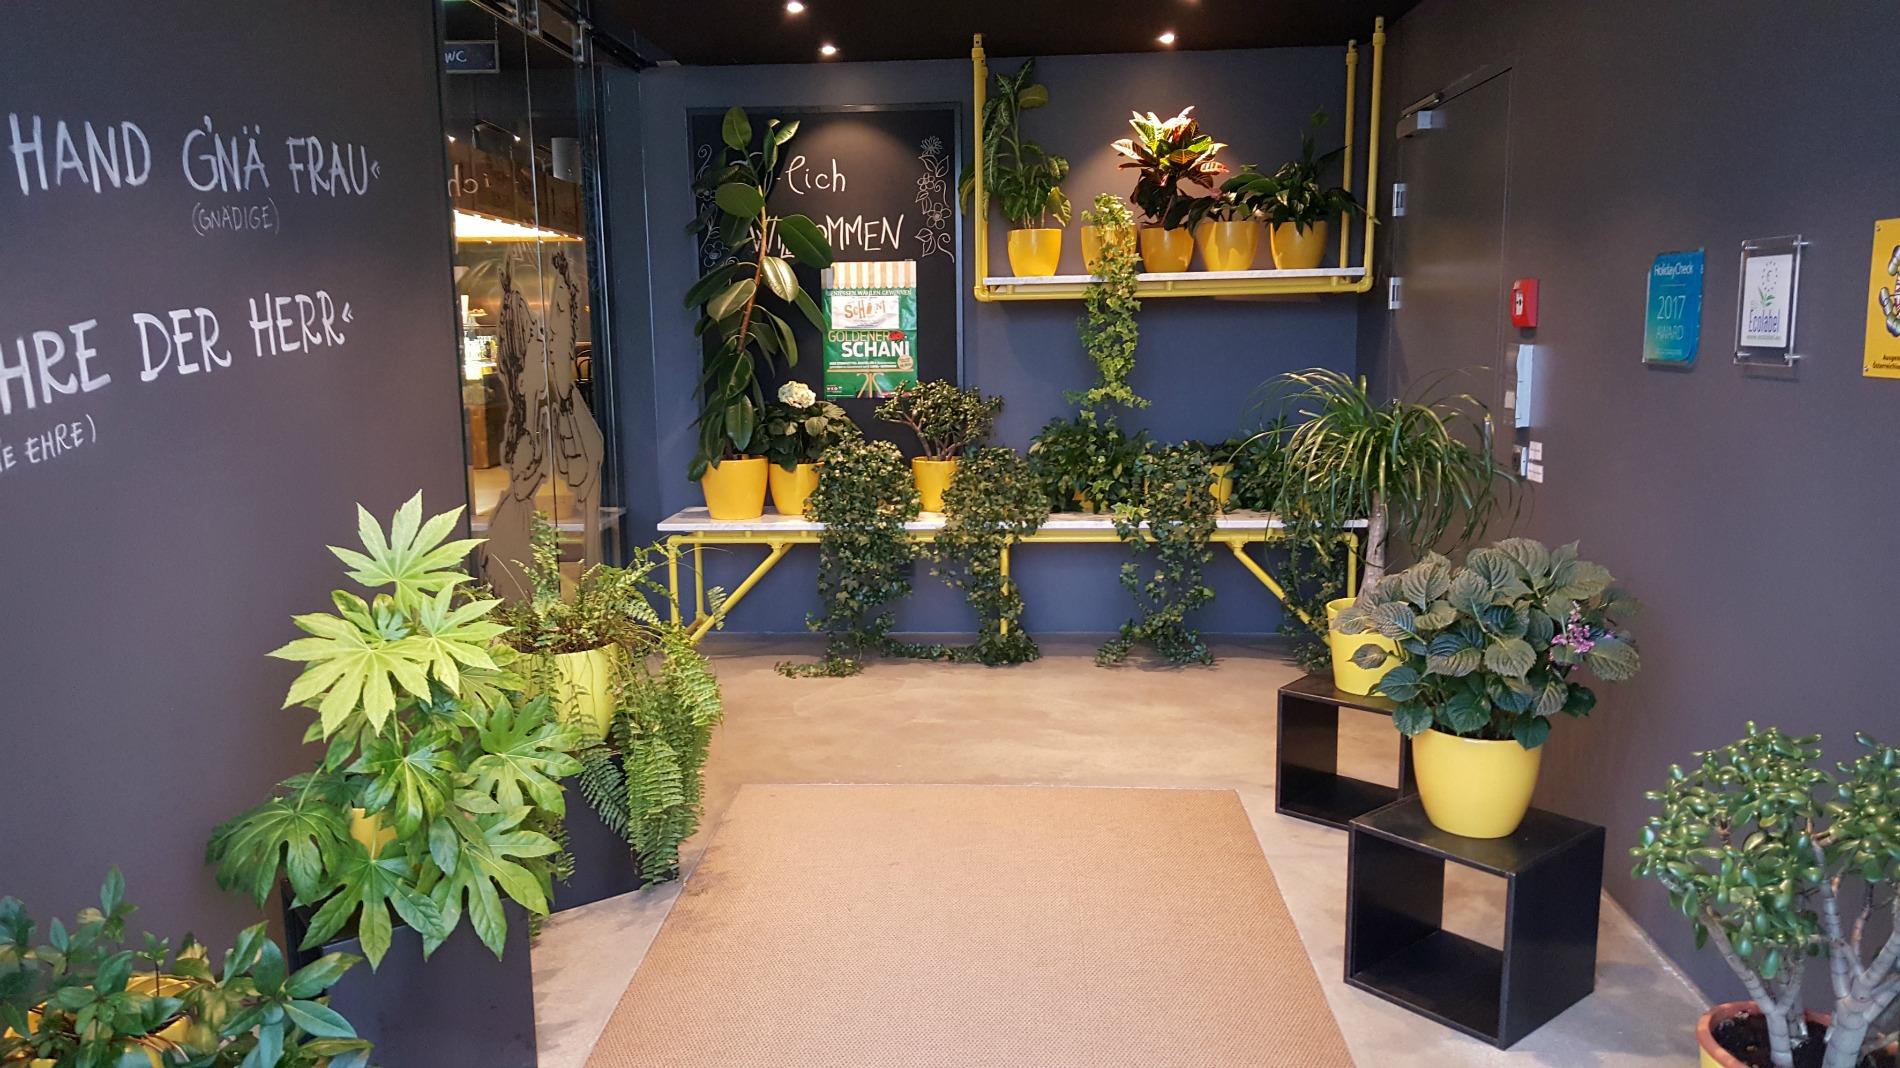 hotel-schani-wien-entrance-plants